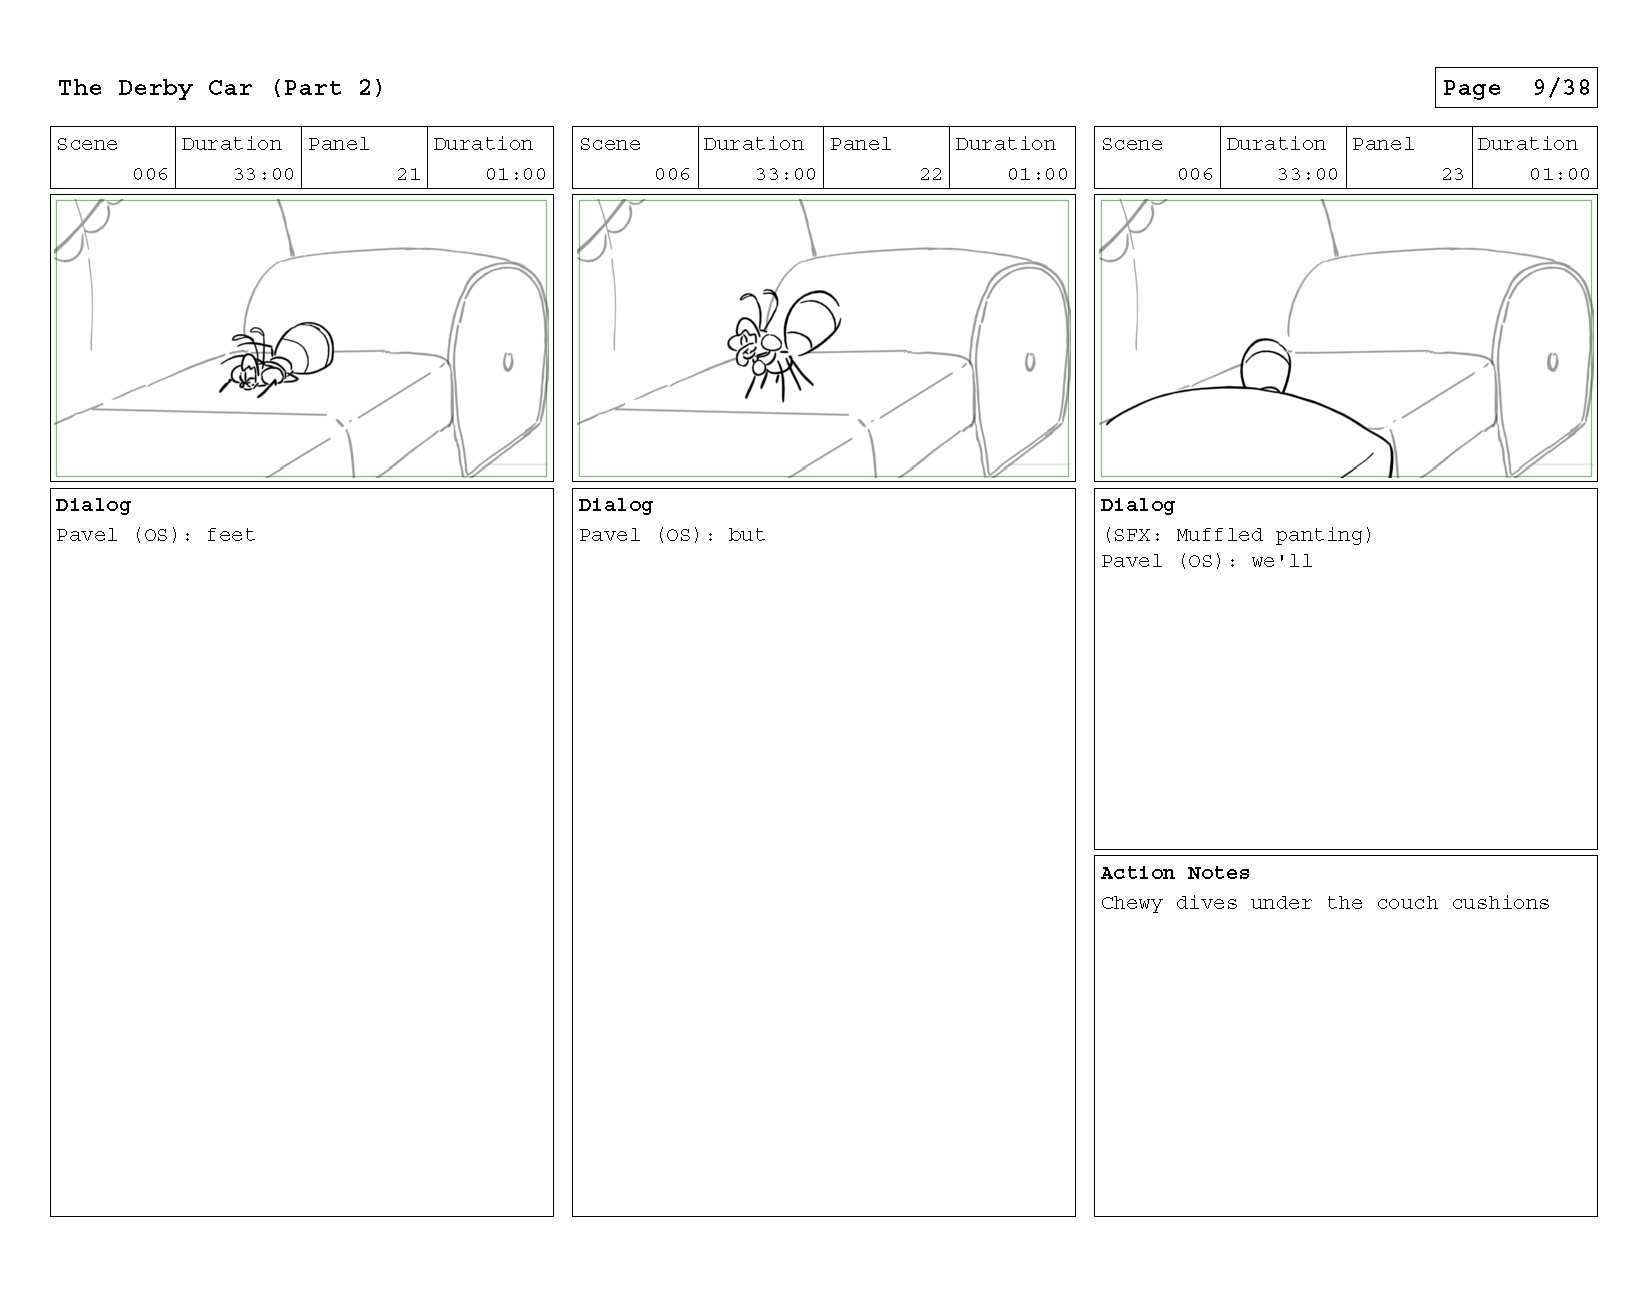 thelfer_derbycar2_Page_10.jpg